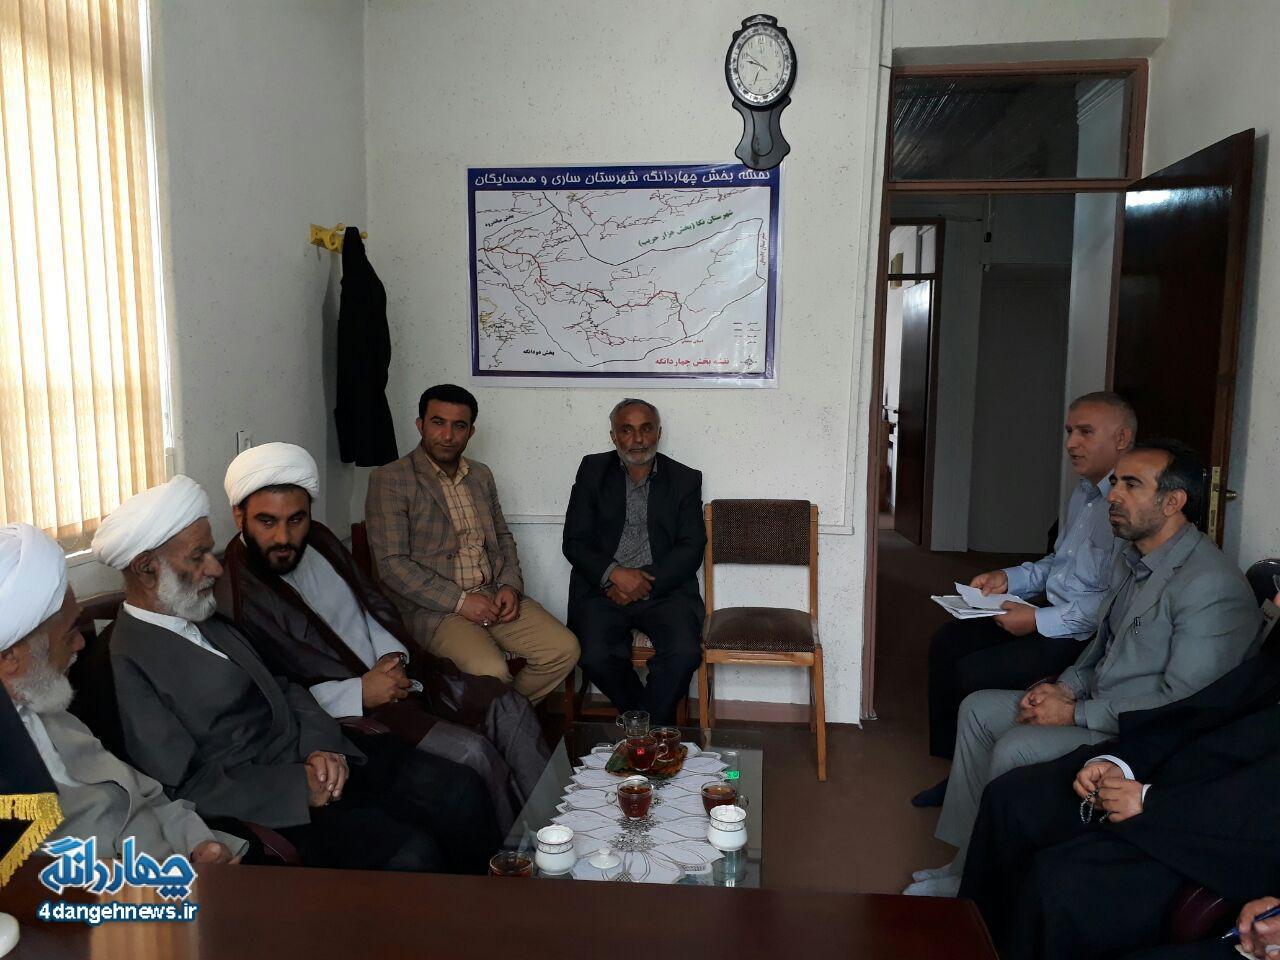 جلسه شورای زکات بخش چهاردانگه برگزار شد